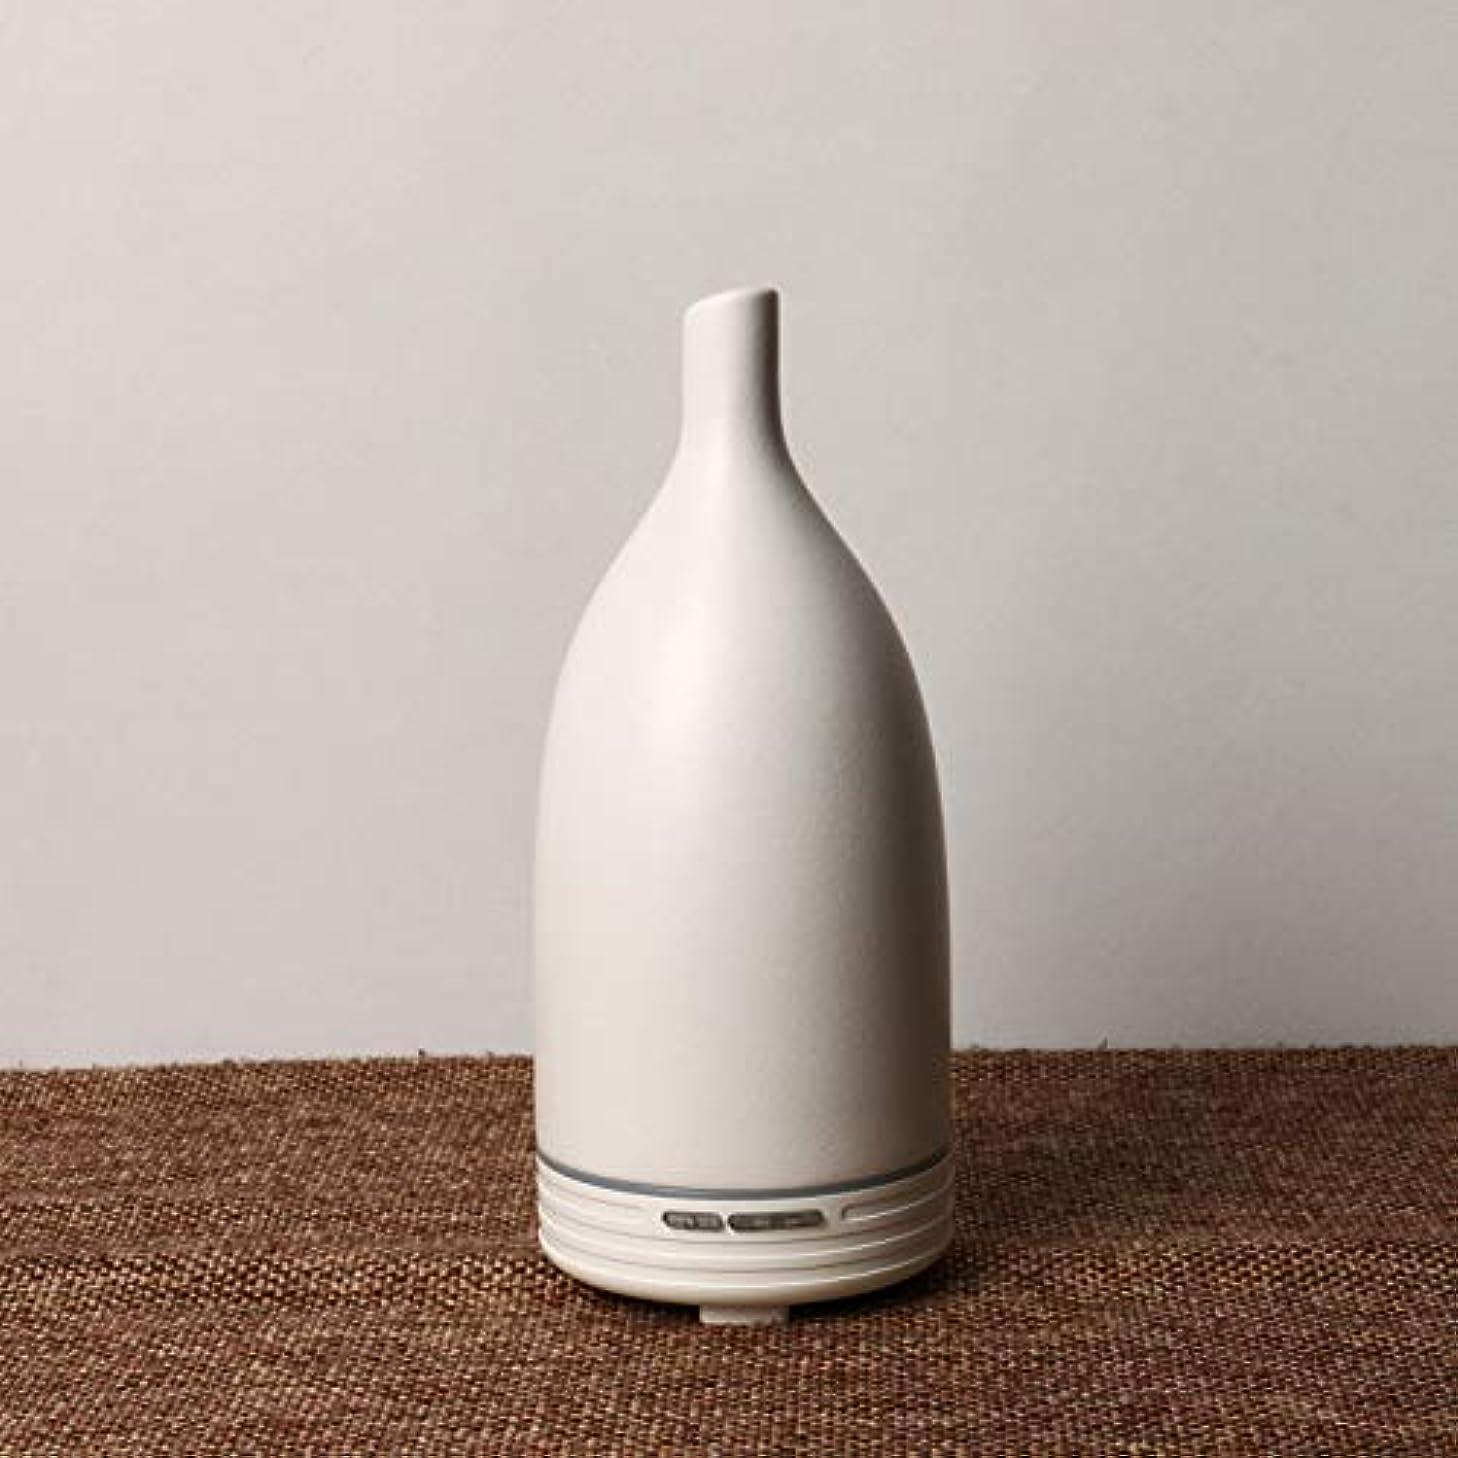 贅沢カメ息切れアロマディスペンサー精油加湿器陶磁器の材質は家庭の事務用に適しています。 (ホワイト)